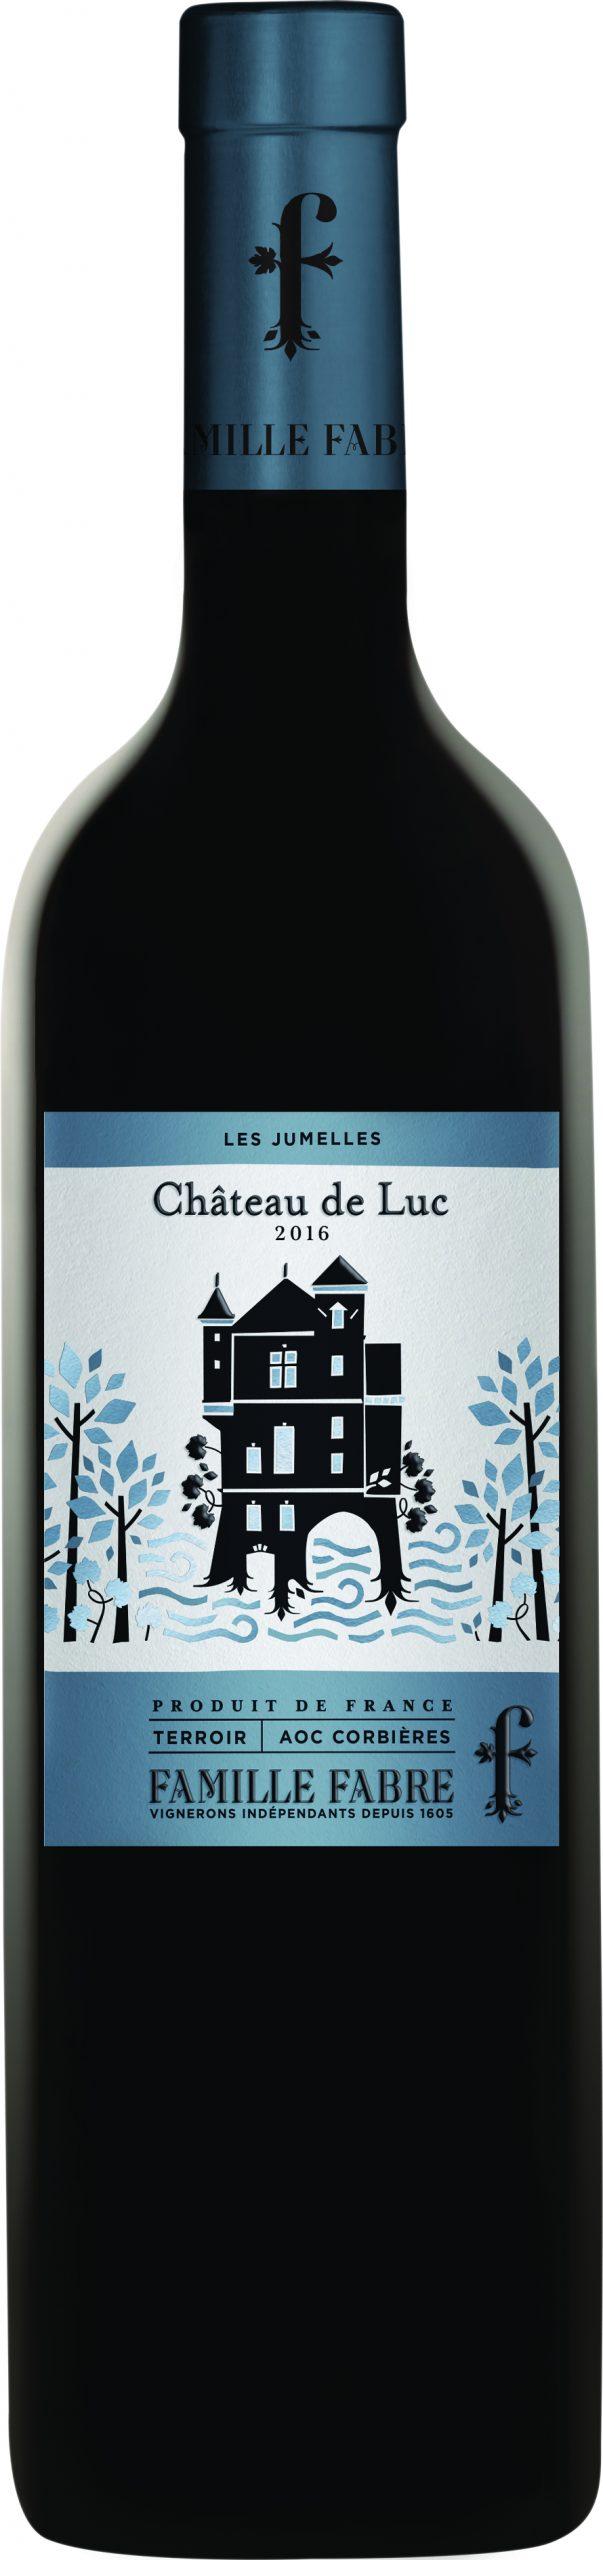 Chateau de Luc les jumelles